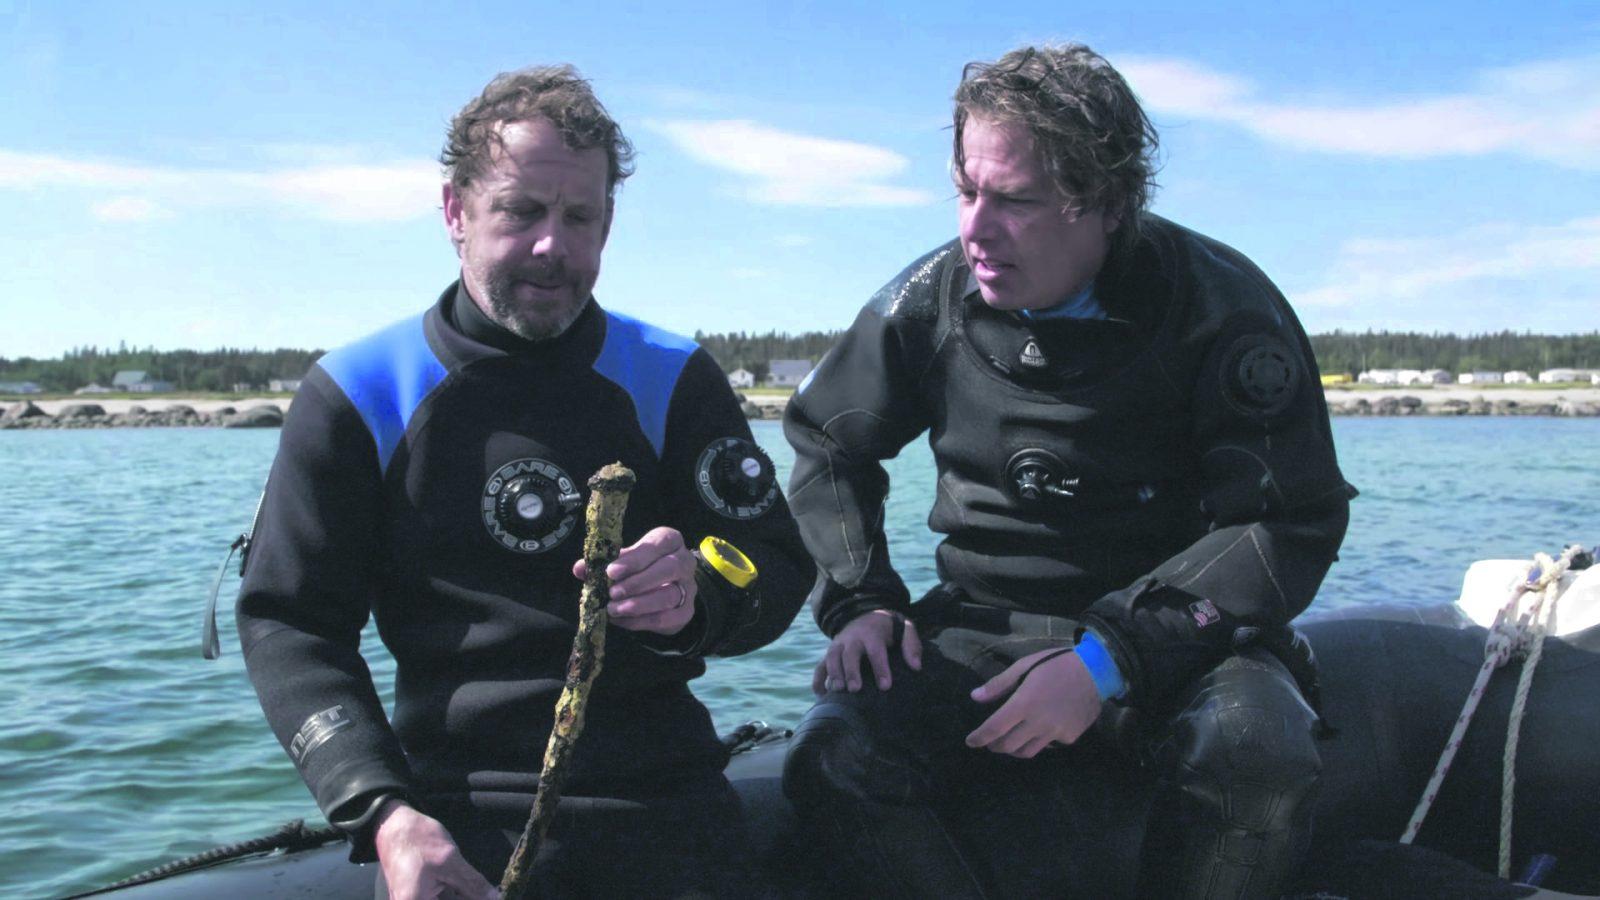 Le naufrage de l'île aux Oeufs: une captivante leçon d'histoire donnée par Patrick Bourgeois